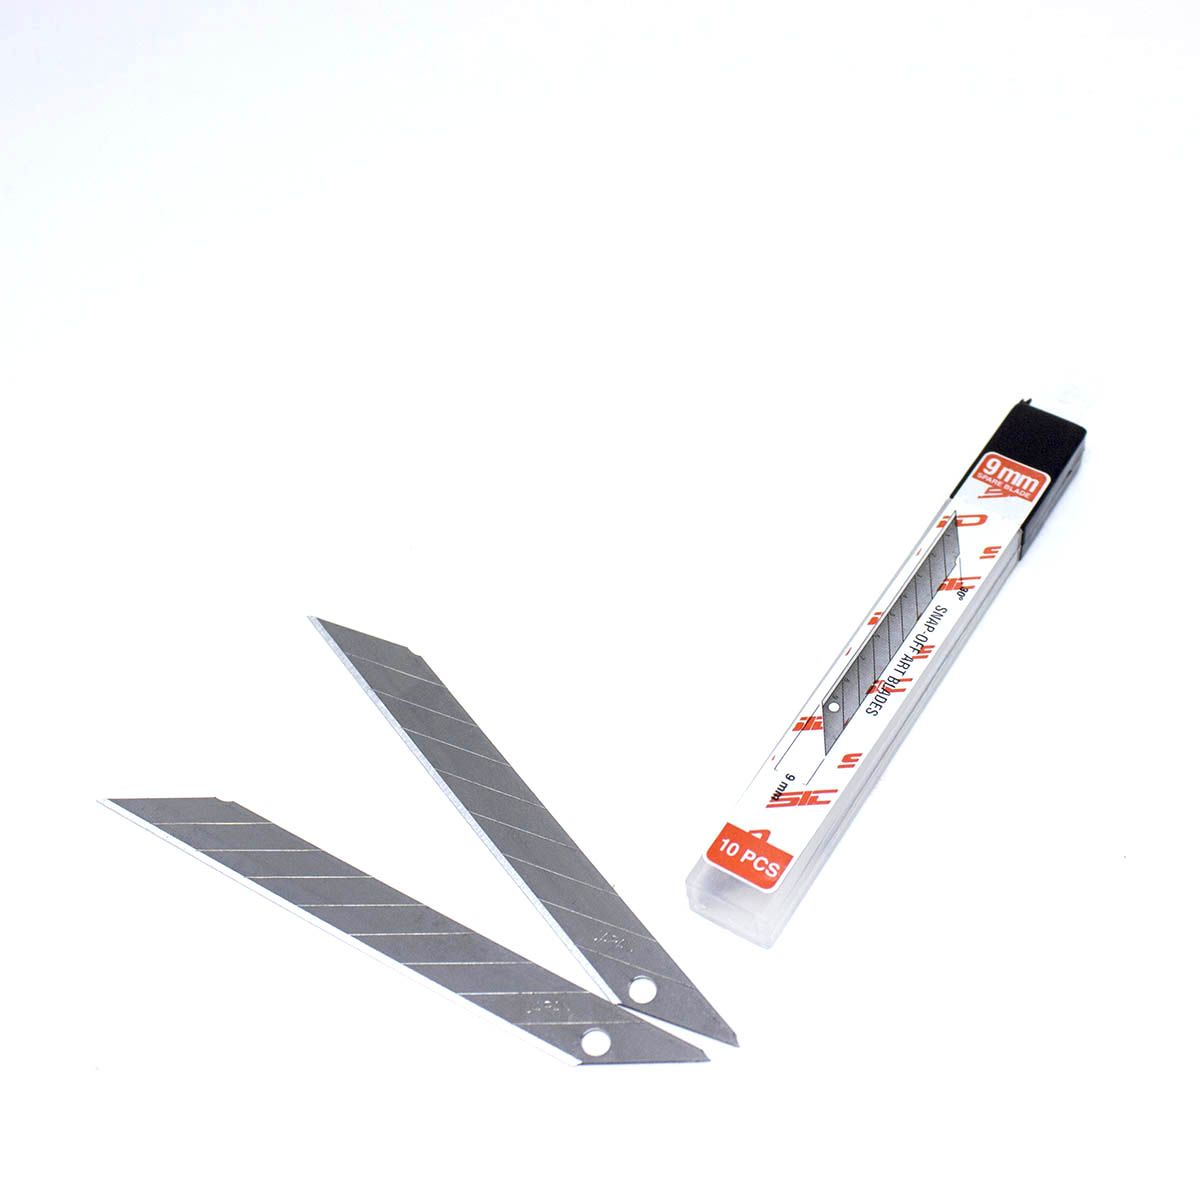 Kit de 10 lâminas de estilete 9mm 30 graus SID